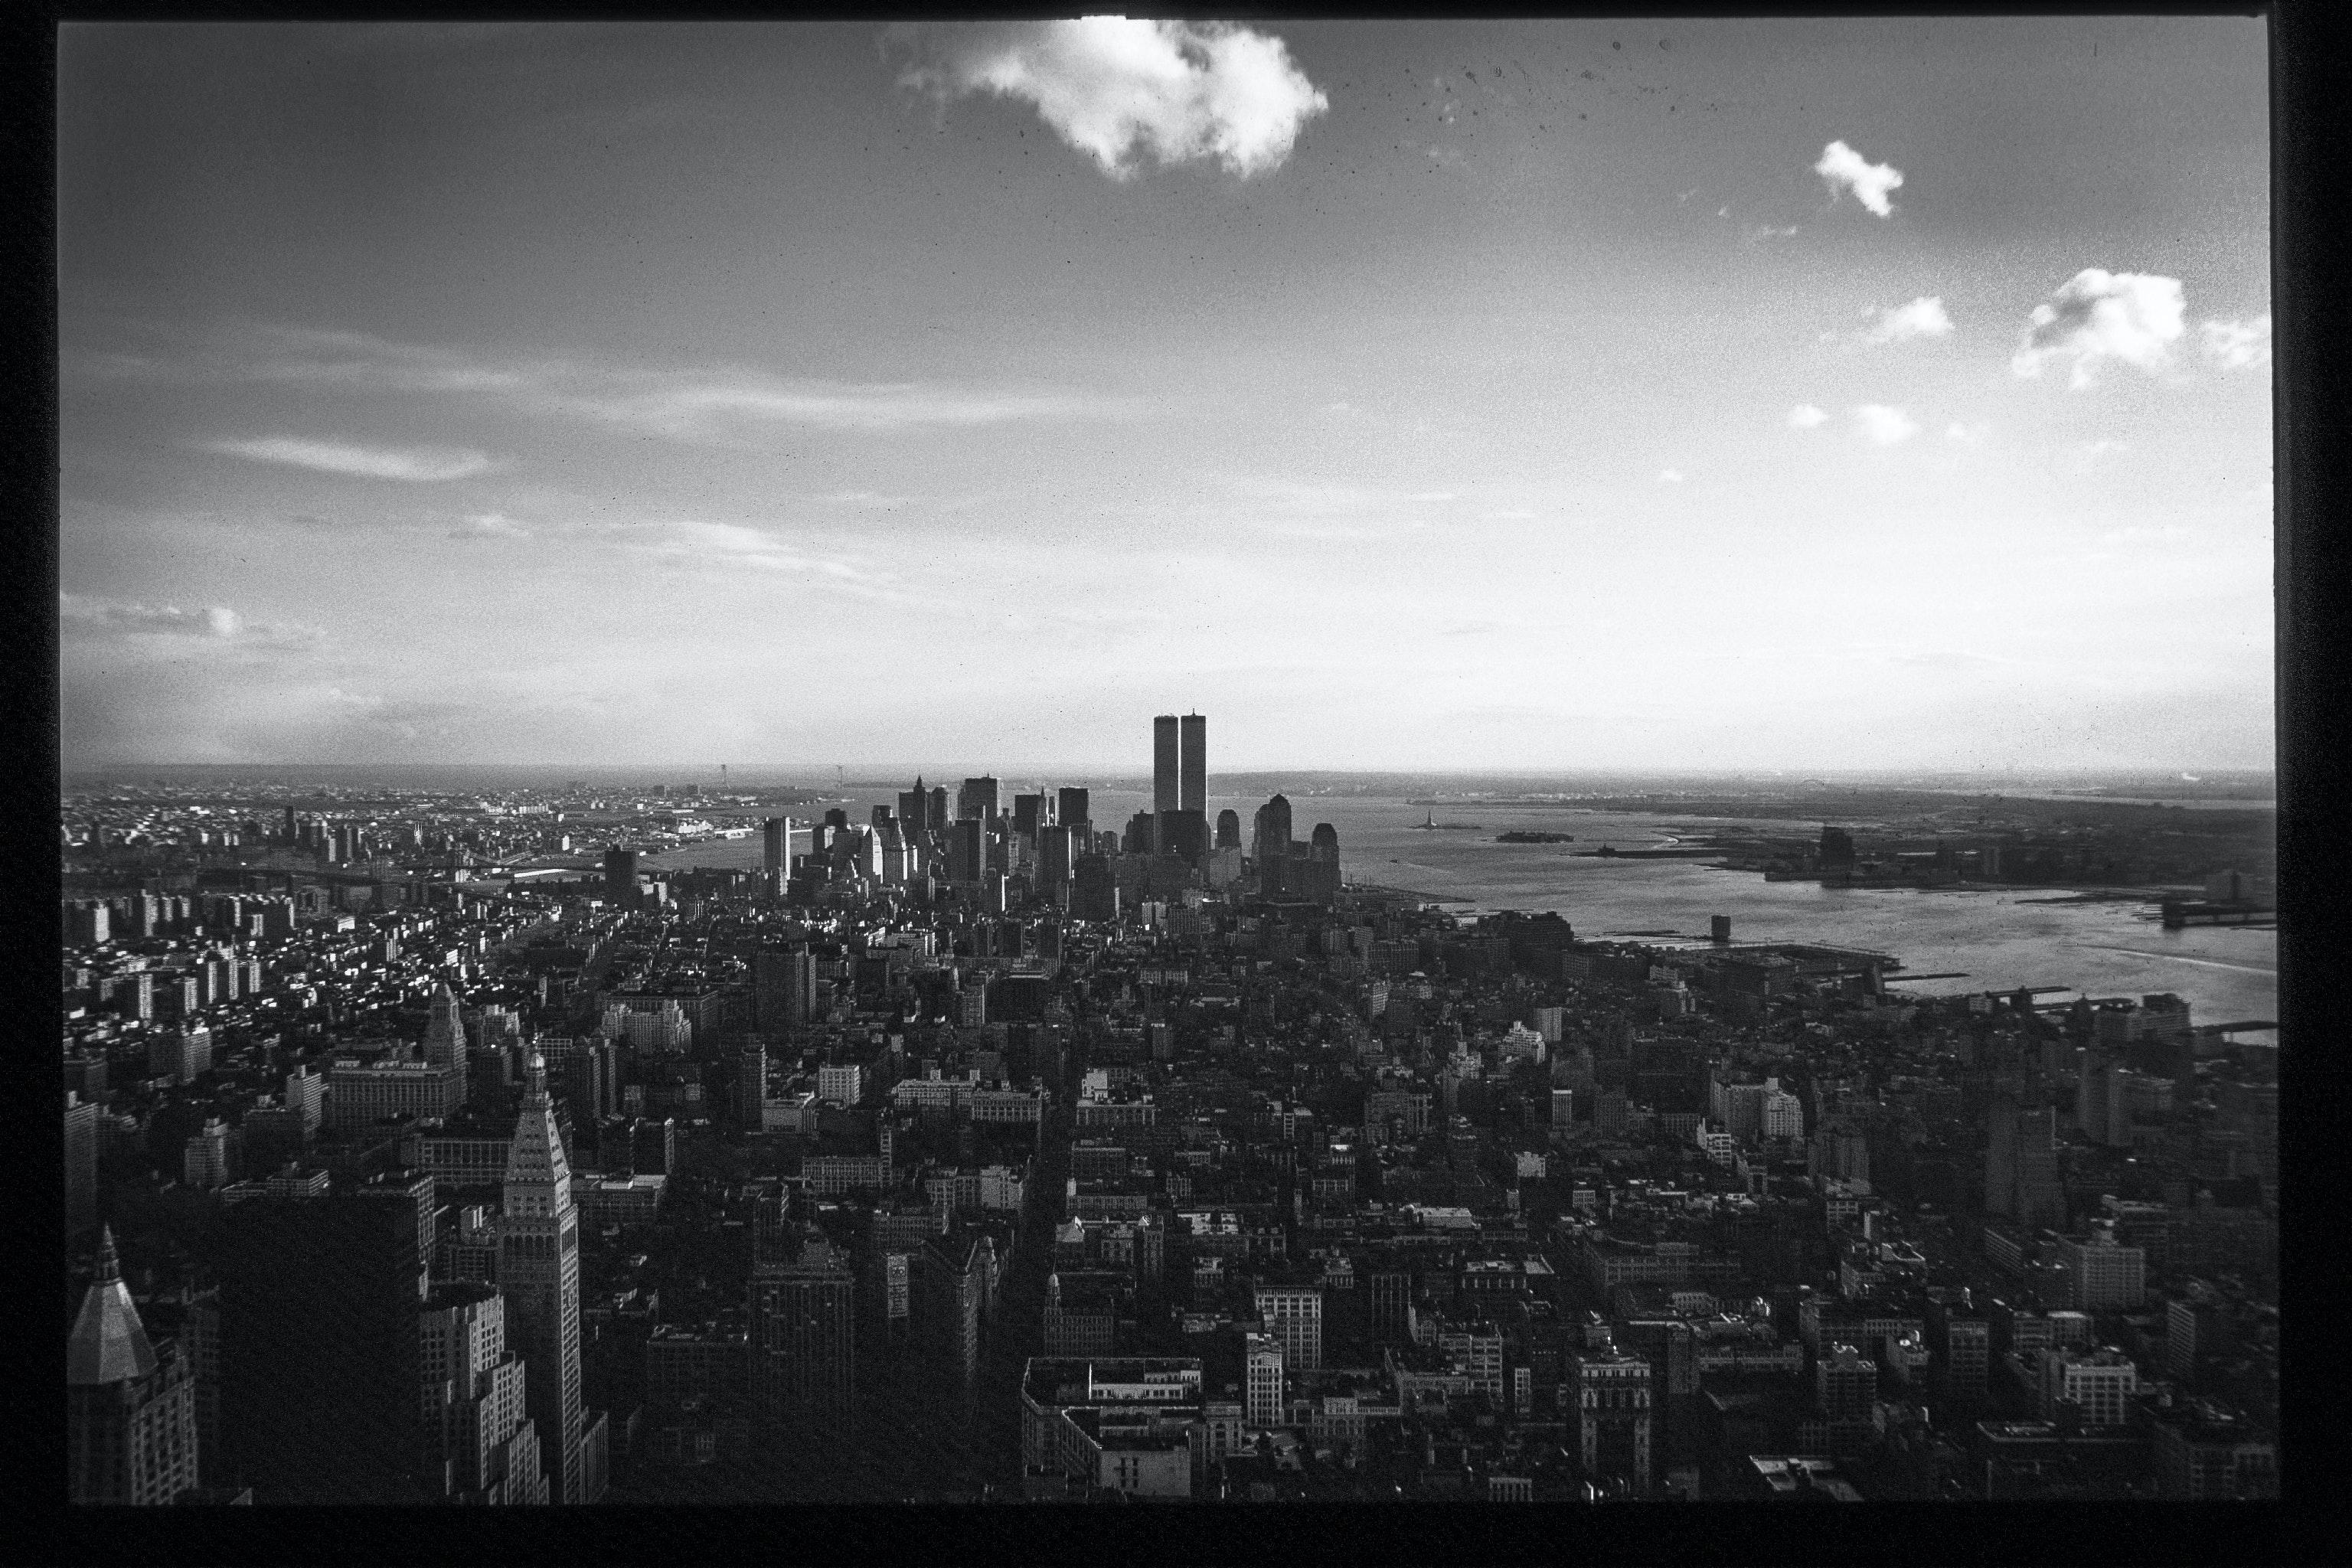 September 11, 2001 – Twenty Years Later